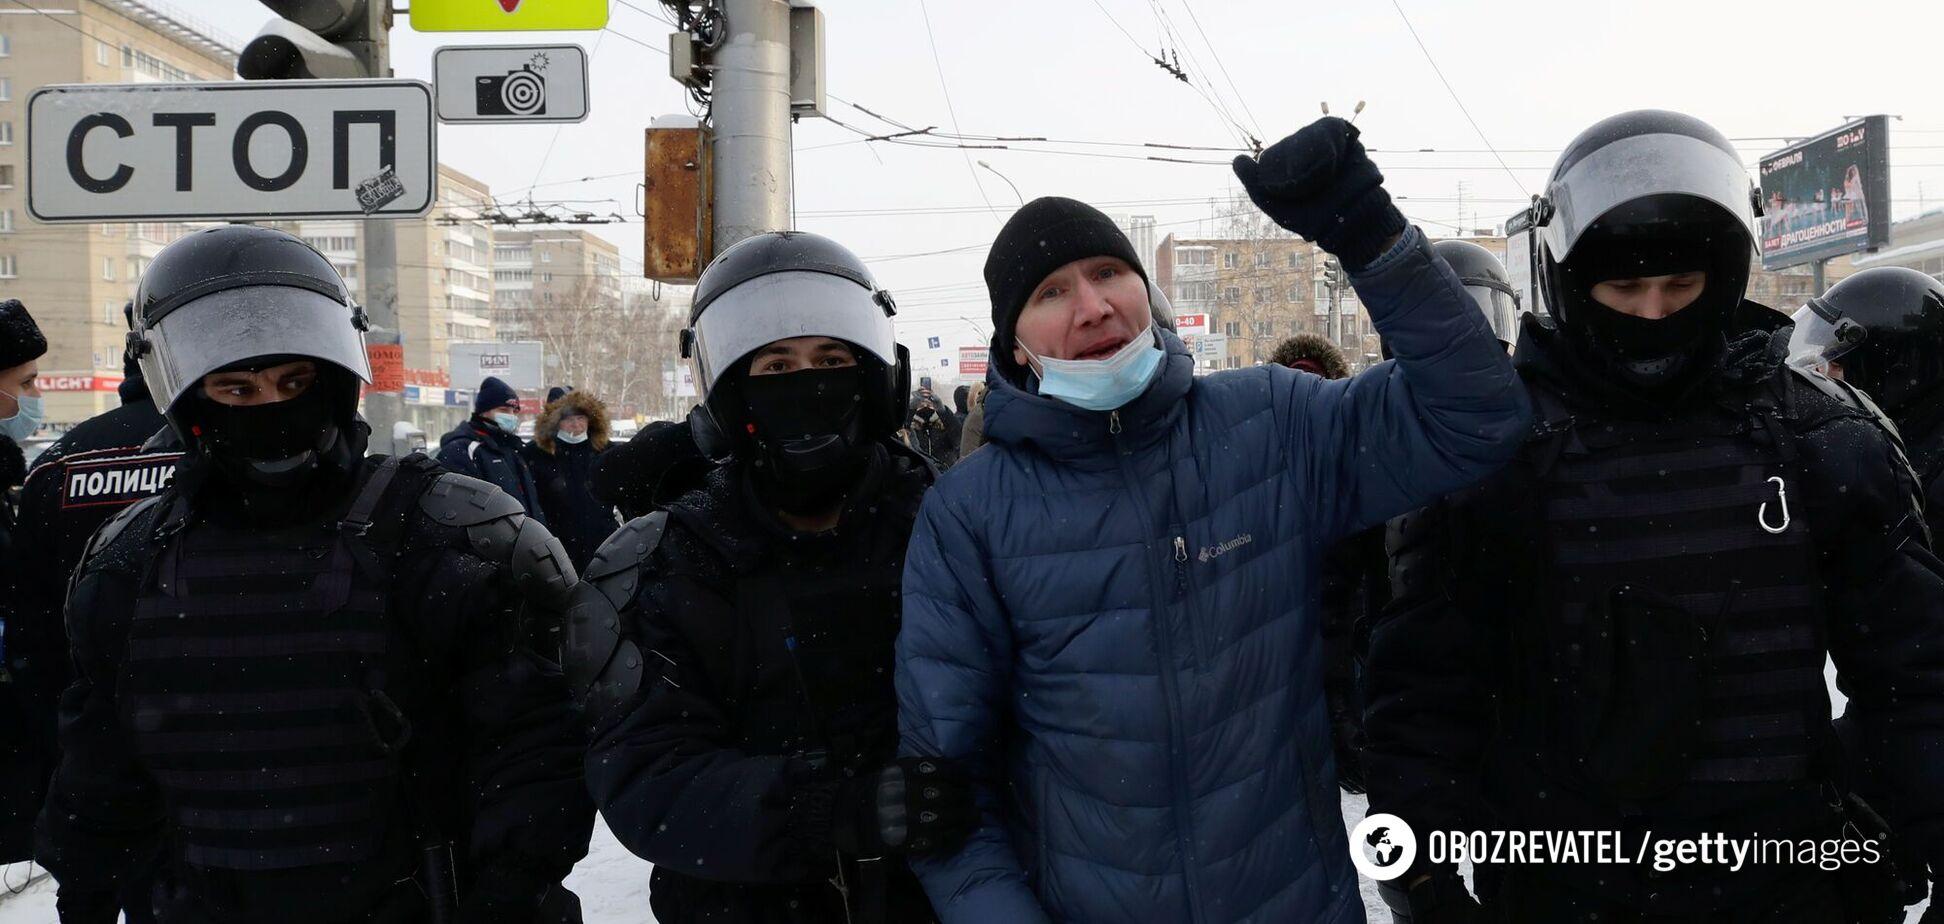 'Ми тут влада, Путіне, йди геть'! З'явилися відео протестів з усіх куточків Росії